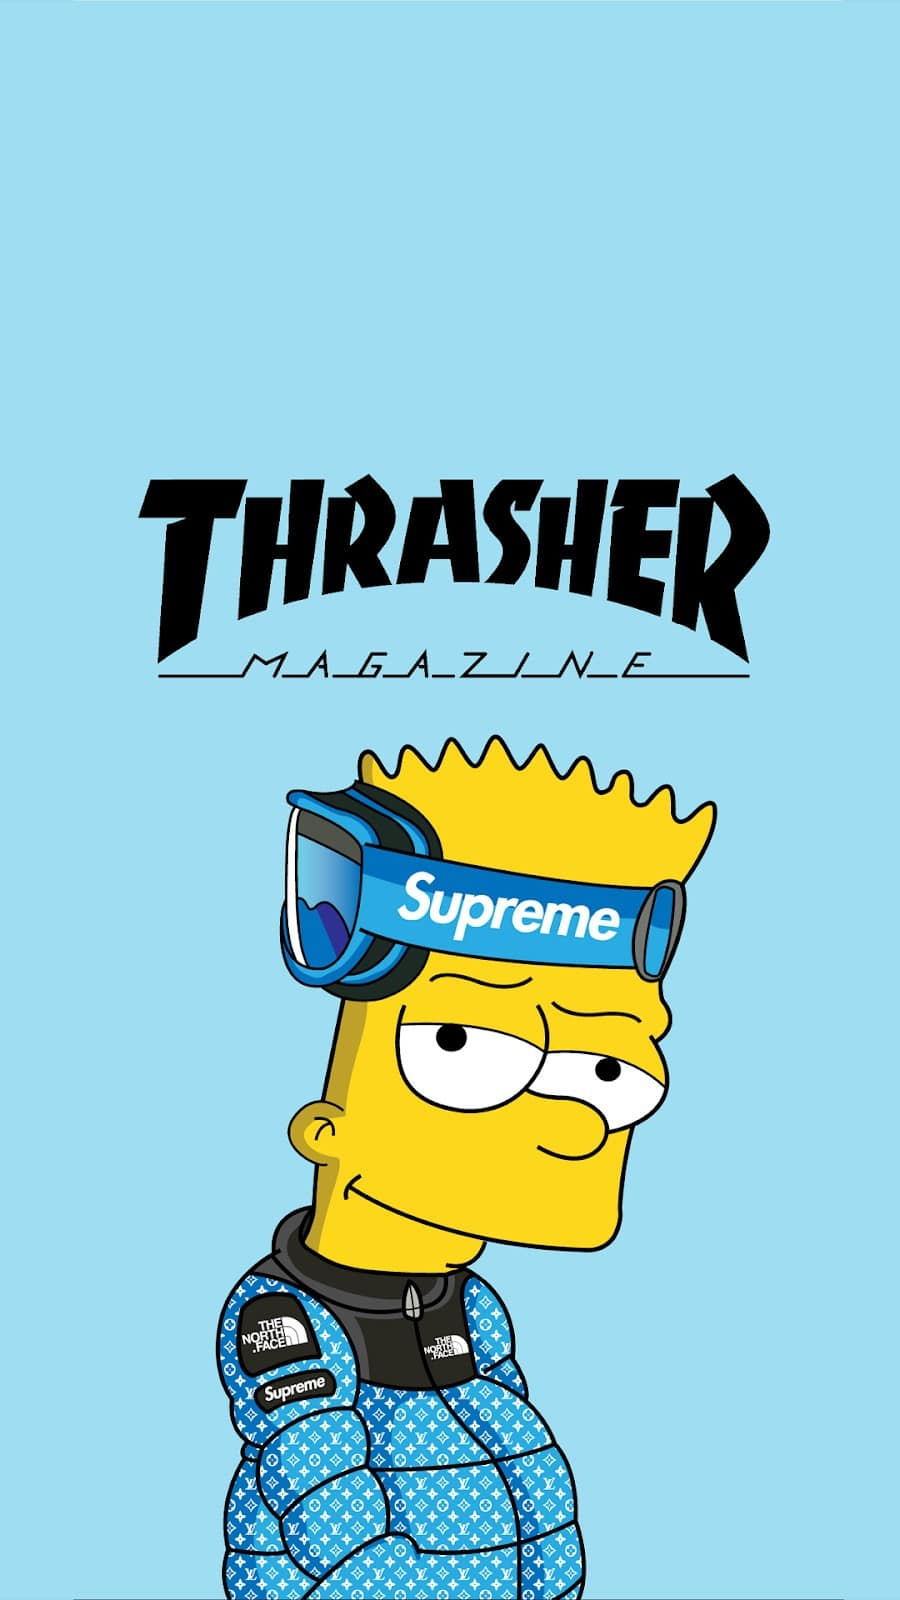 Le sosie de Bart Simpsons 20464804